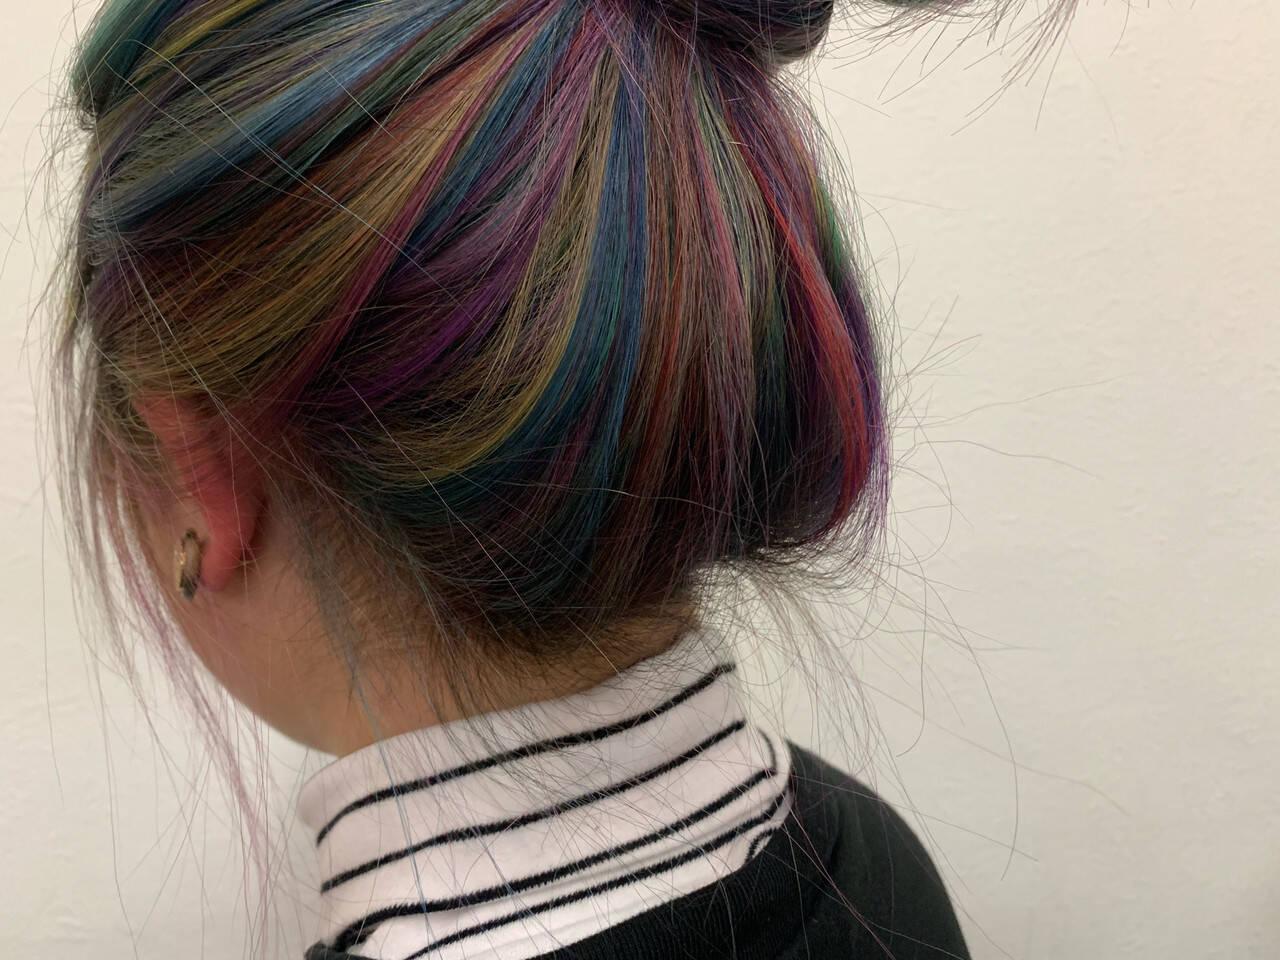 パステルカラー ハイトーンカラー デザインカラー ユニコーンカラーヘアスタイルや髪型の写真・画像